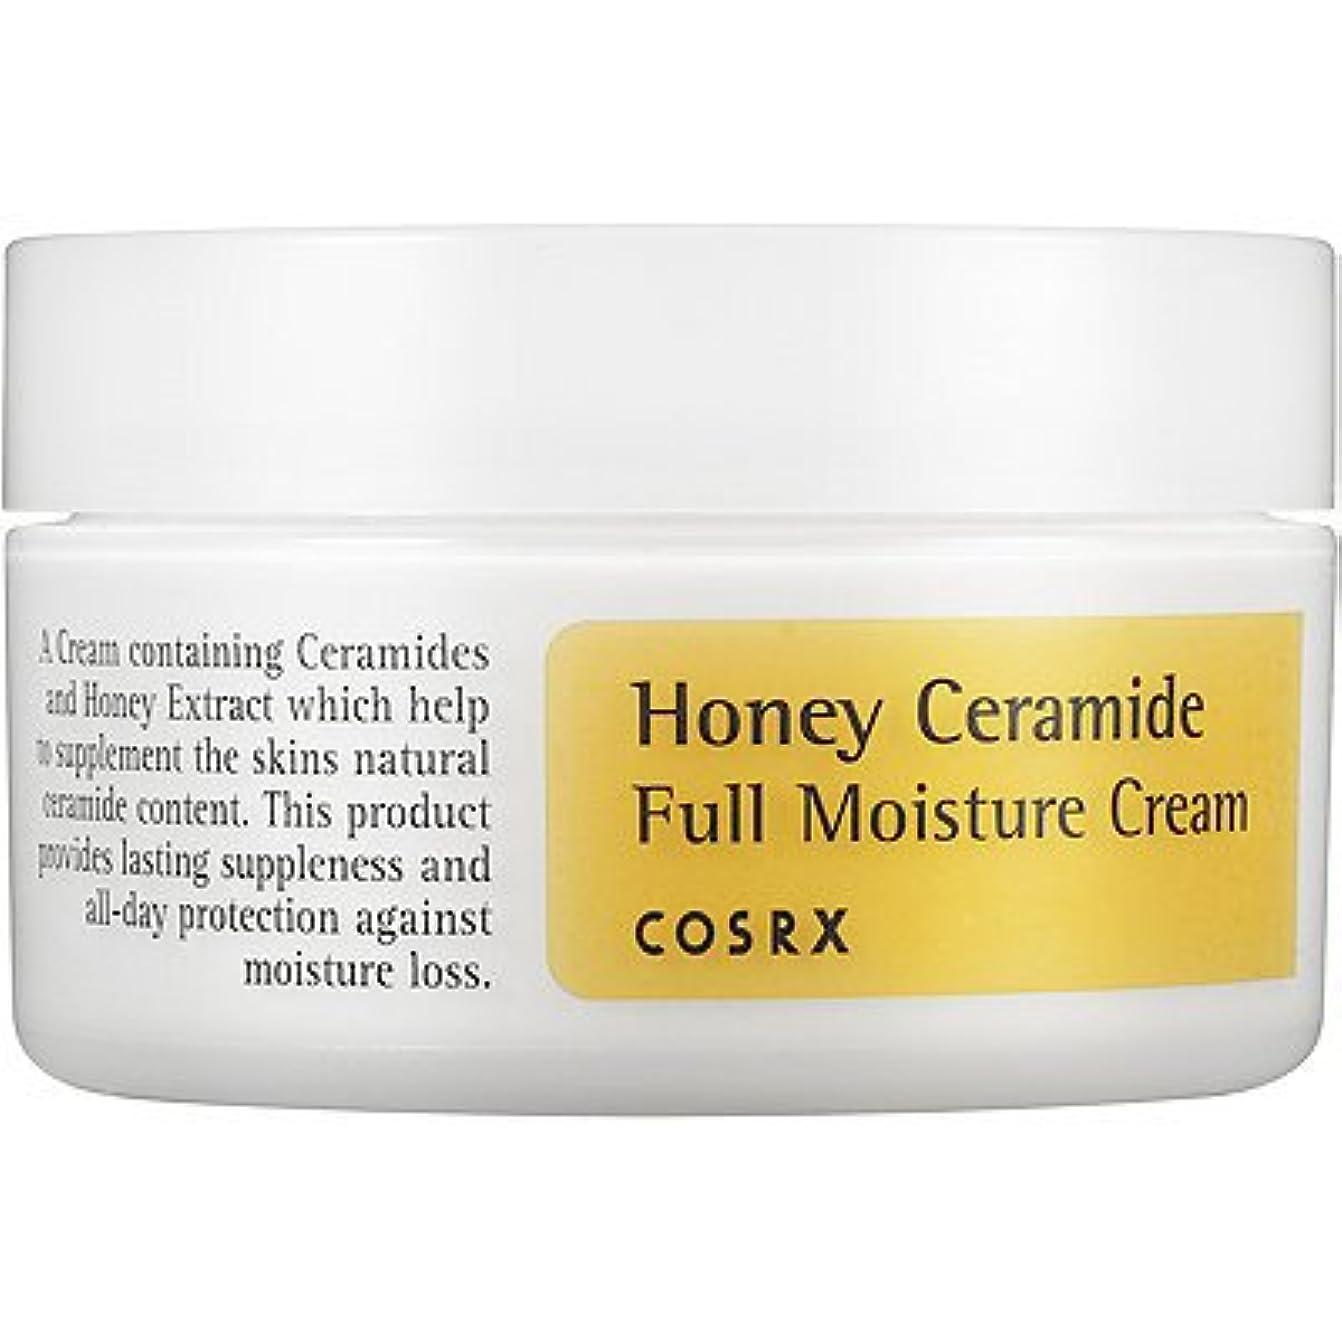 偽善アーティスト遺体安置所COSRX Honey Ceramide Full Moisture Cream 50g/ハニーセラミド フル モイスチャークリーム -50g [並行輸入品]